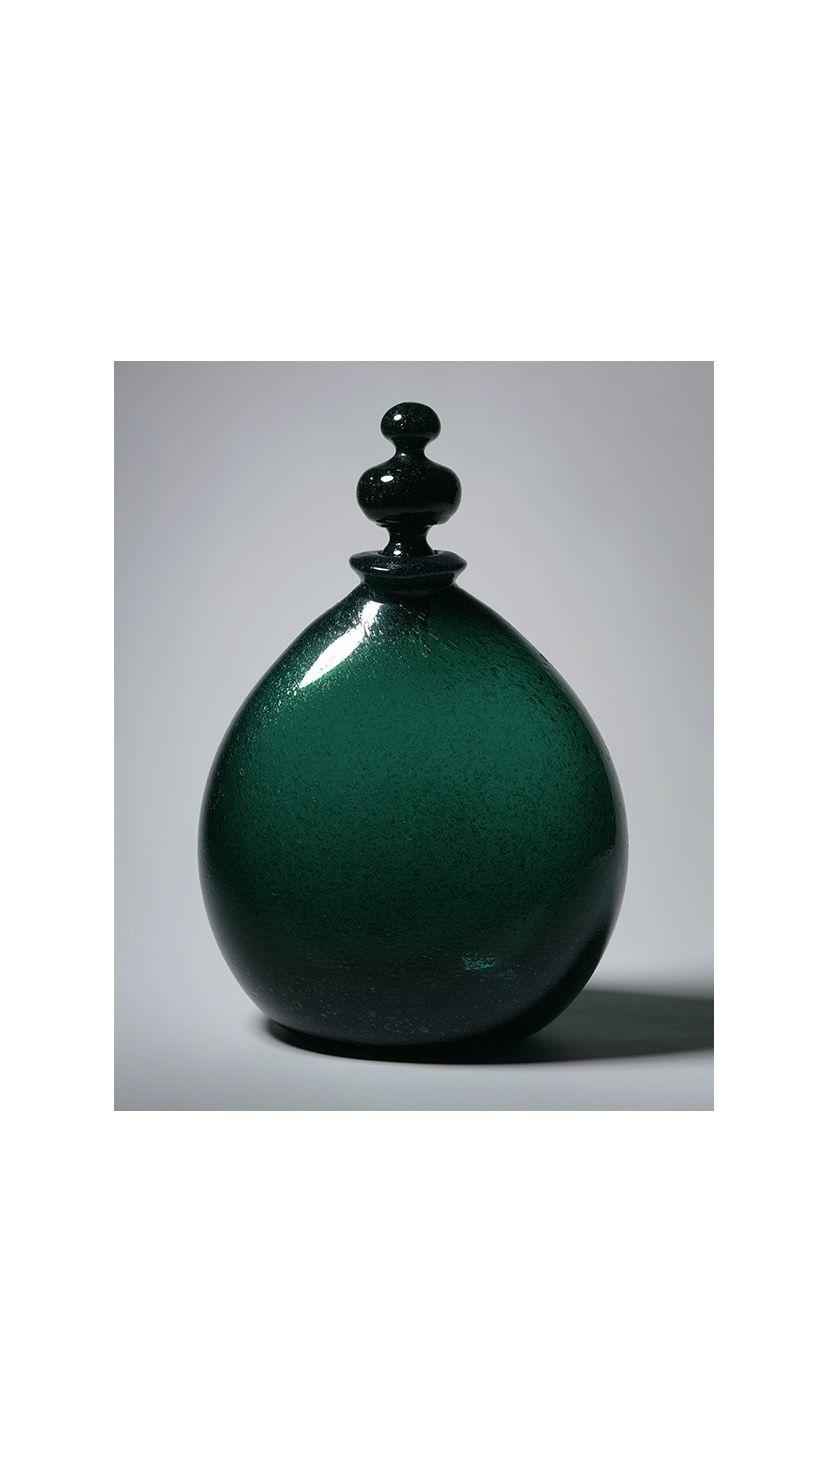 """気泡を含んで深い海の底を思わせる""""小谷ブルー""""の瓶。"""